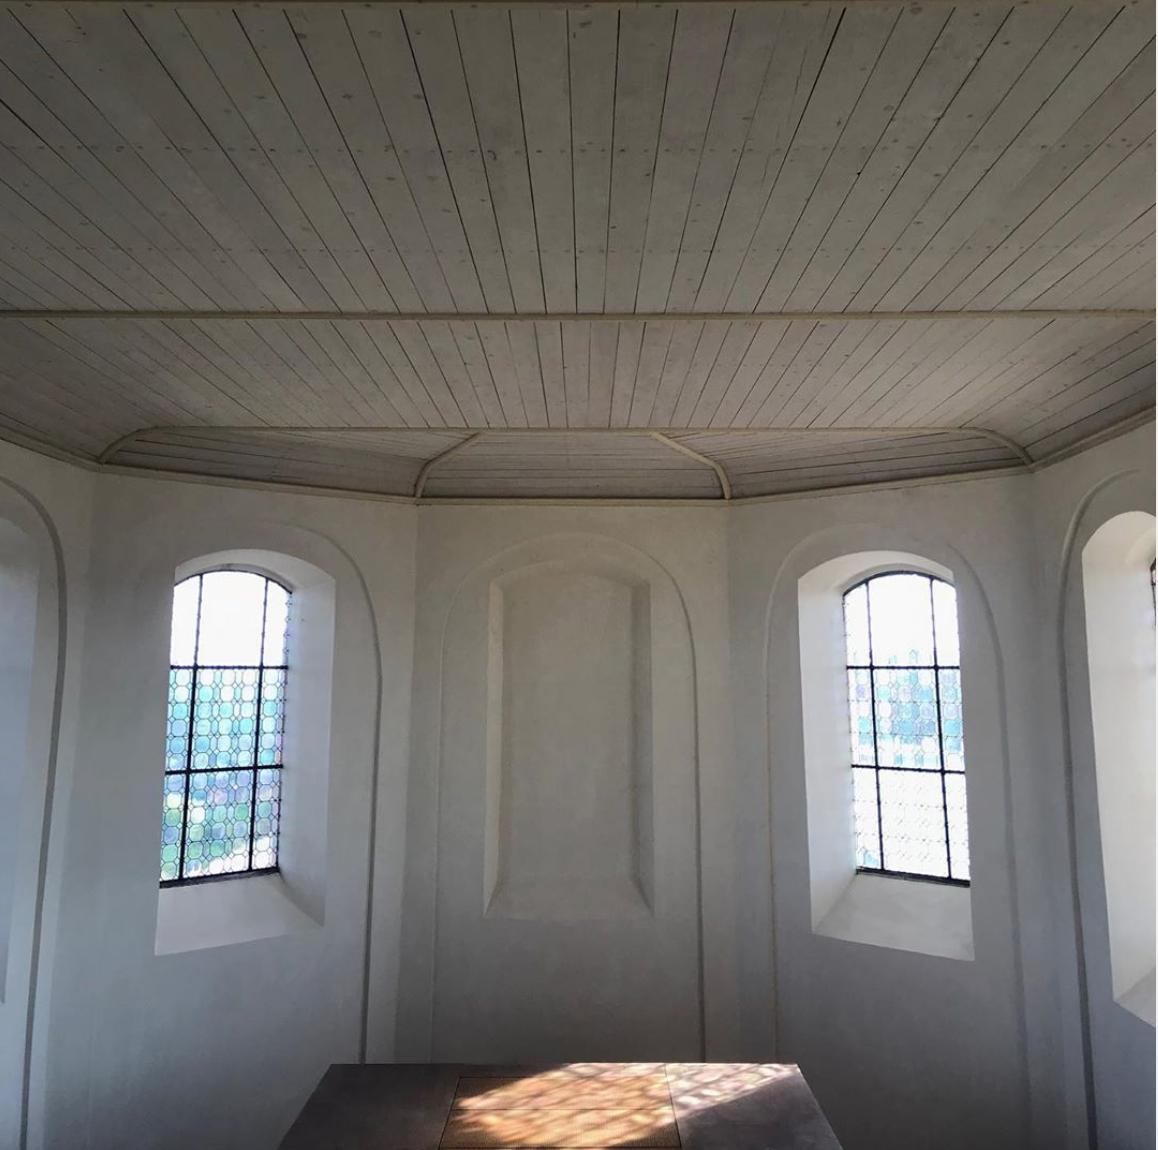 création sonore présentée dans le cadre de l'exposition Résonance-Resonanz - FRAC Lorraine, à la Chapelle de la Citadelle de Bitche (57), 18 mai - 22 septembre 2019. Vue de l'exposition.